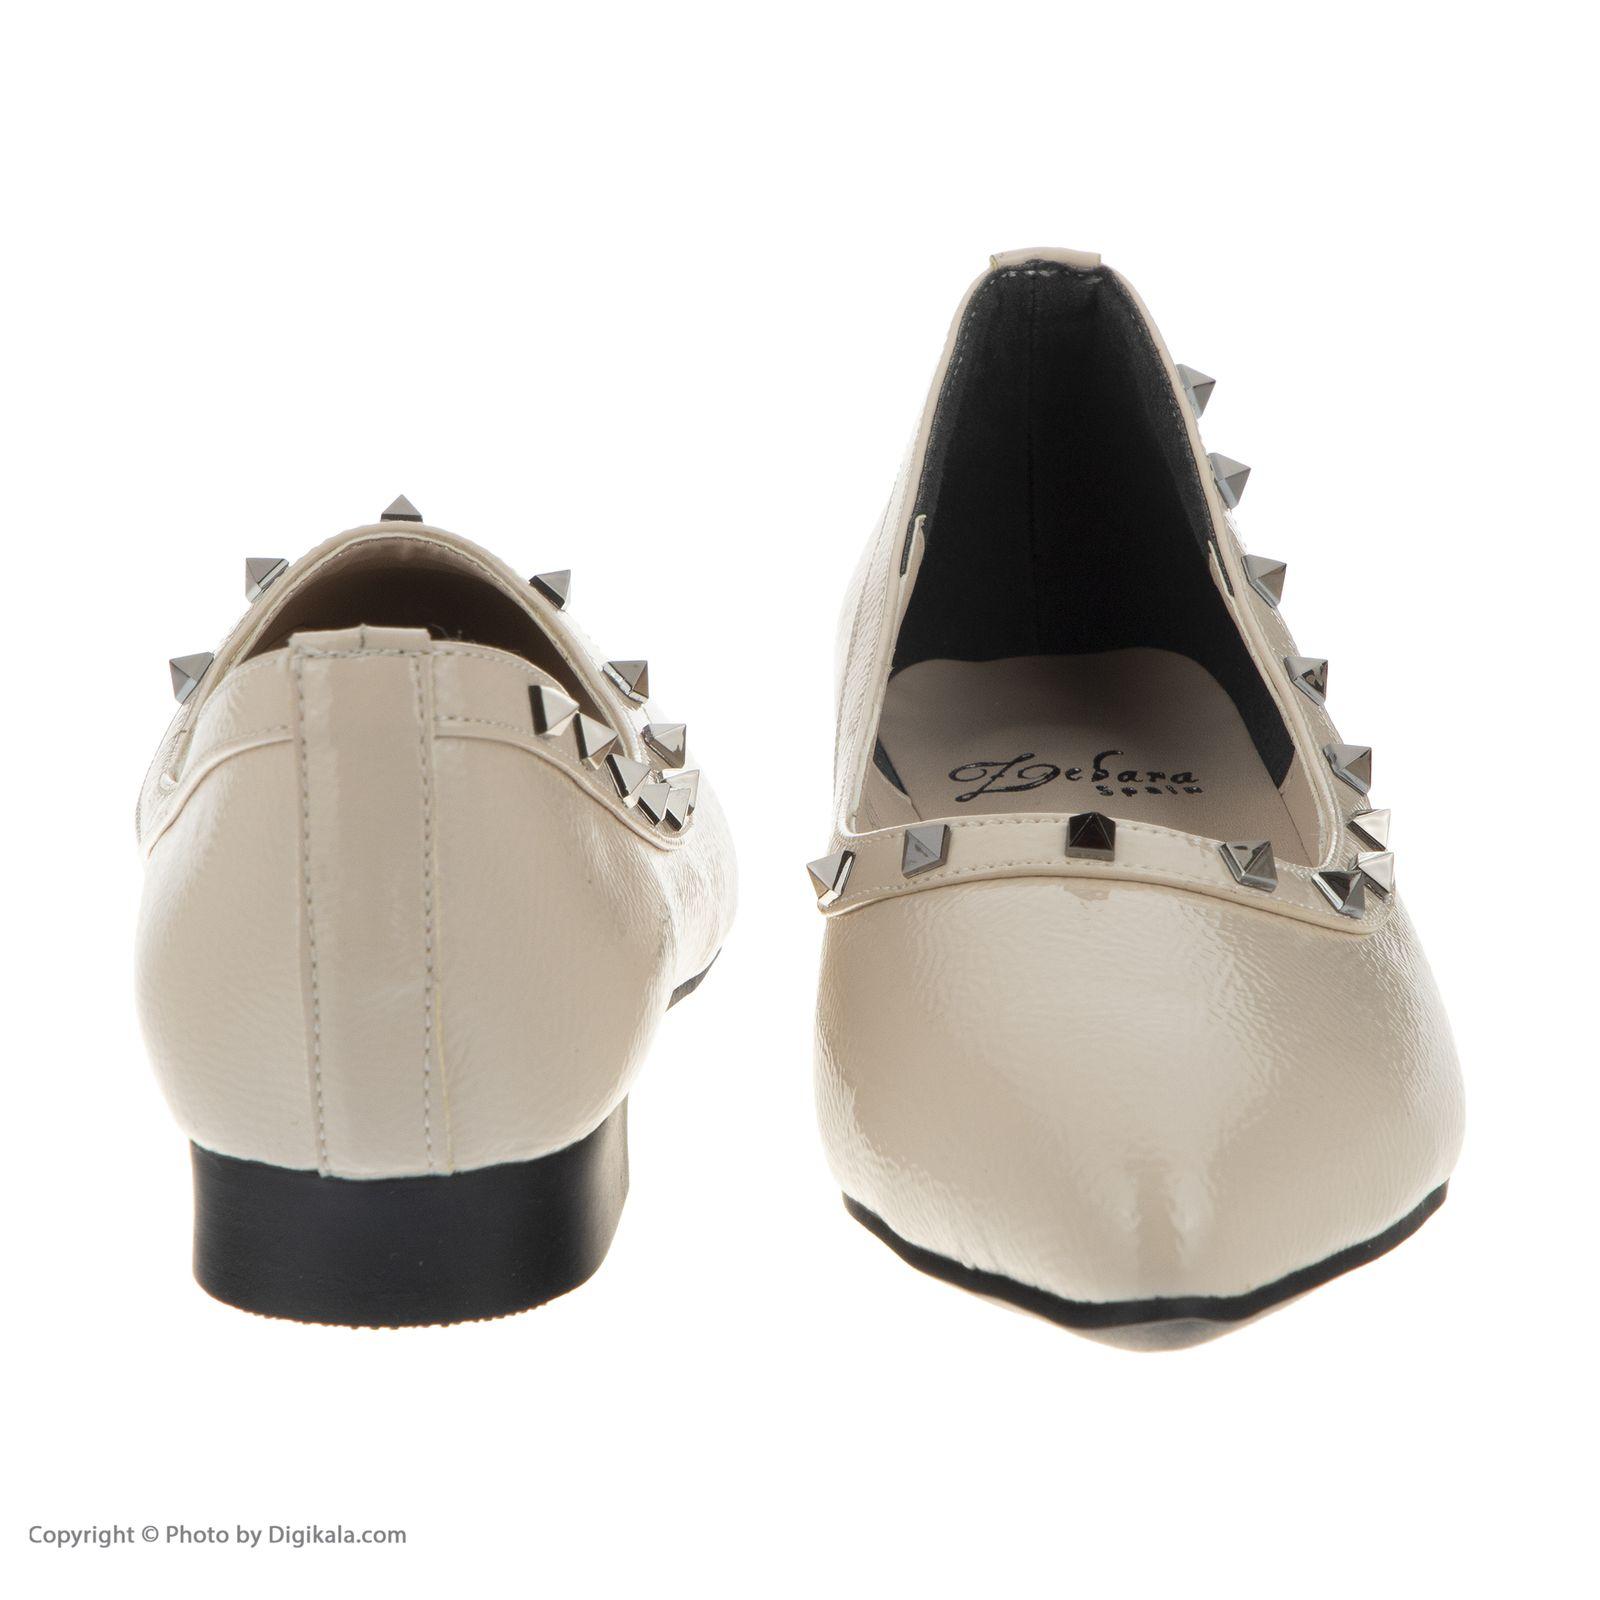 کفش زنانه زبرا مدل 6090 -  - 5